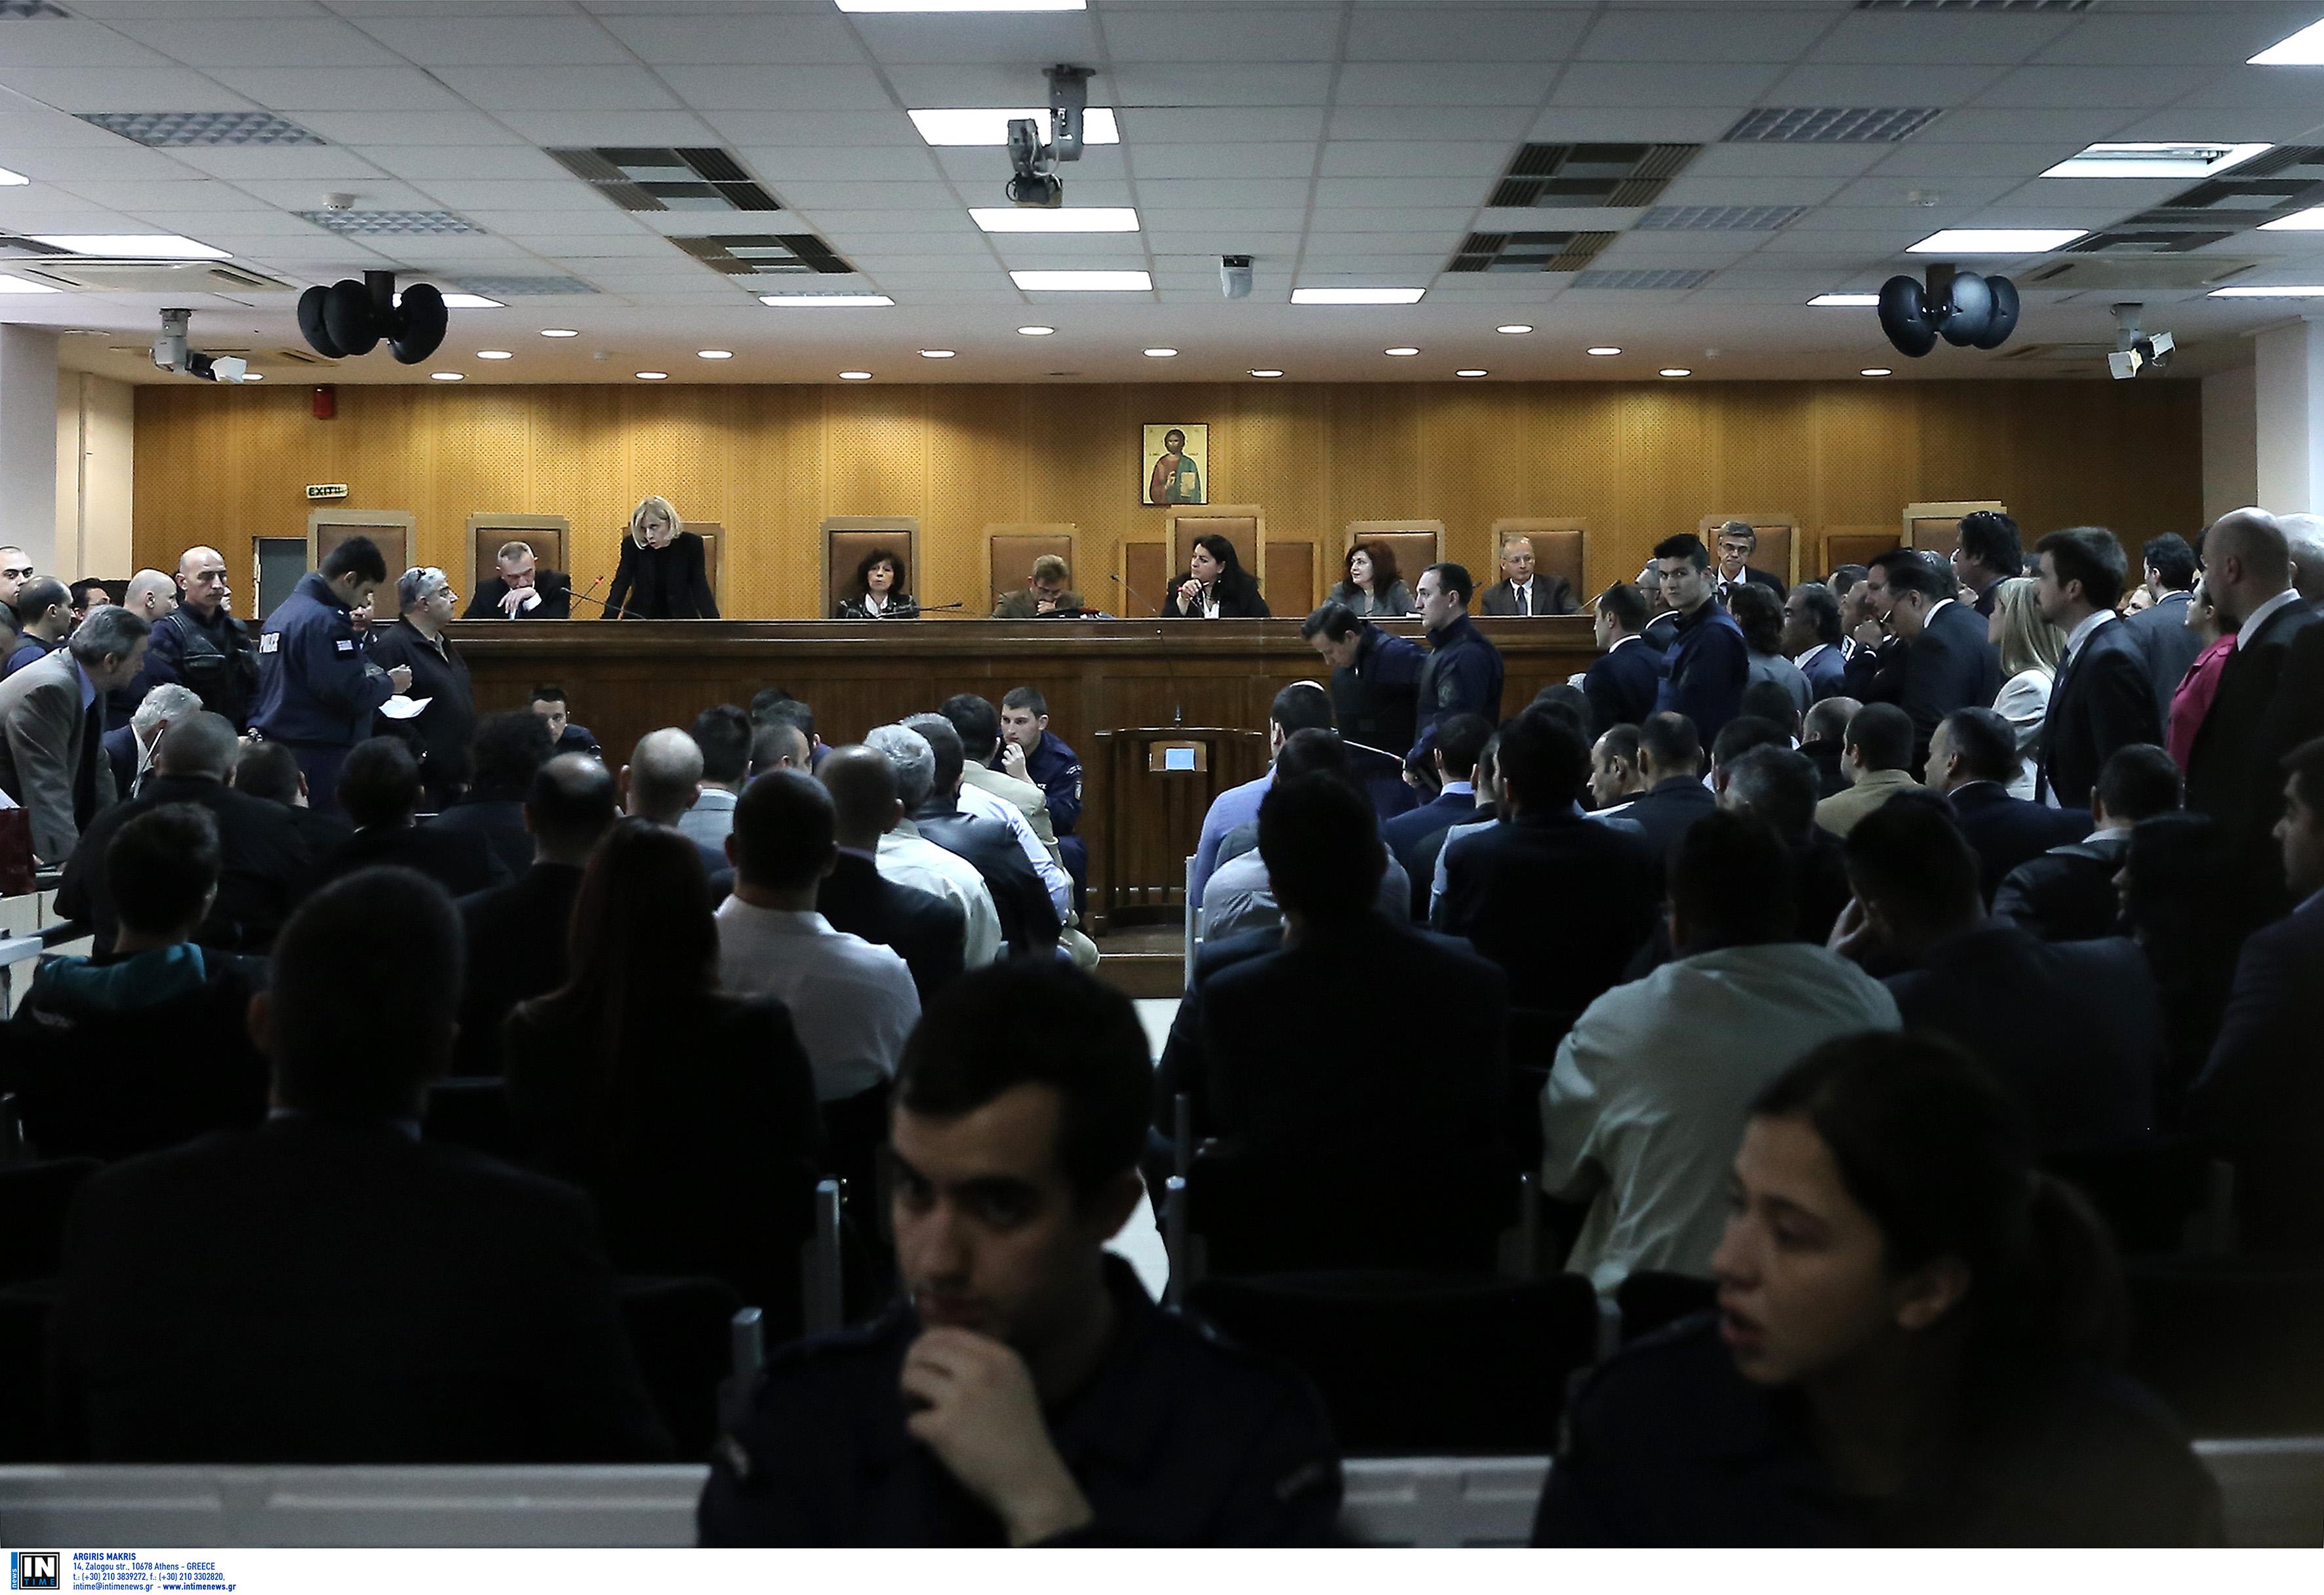 Δίκη Χρυσής Αυγής- «Η ομάδα ΔΙΑΣ δεν έχει εκπαιδευτεί για τέτοιαθέματα»   tovima.gr